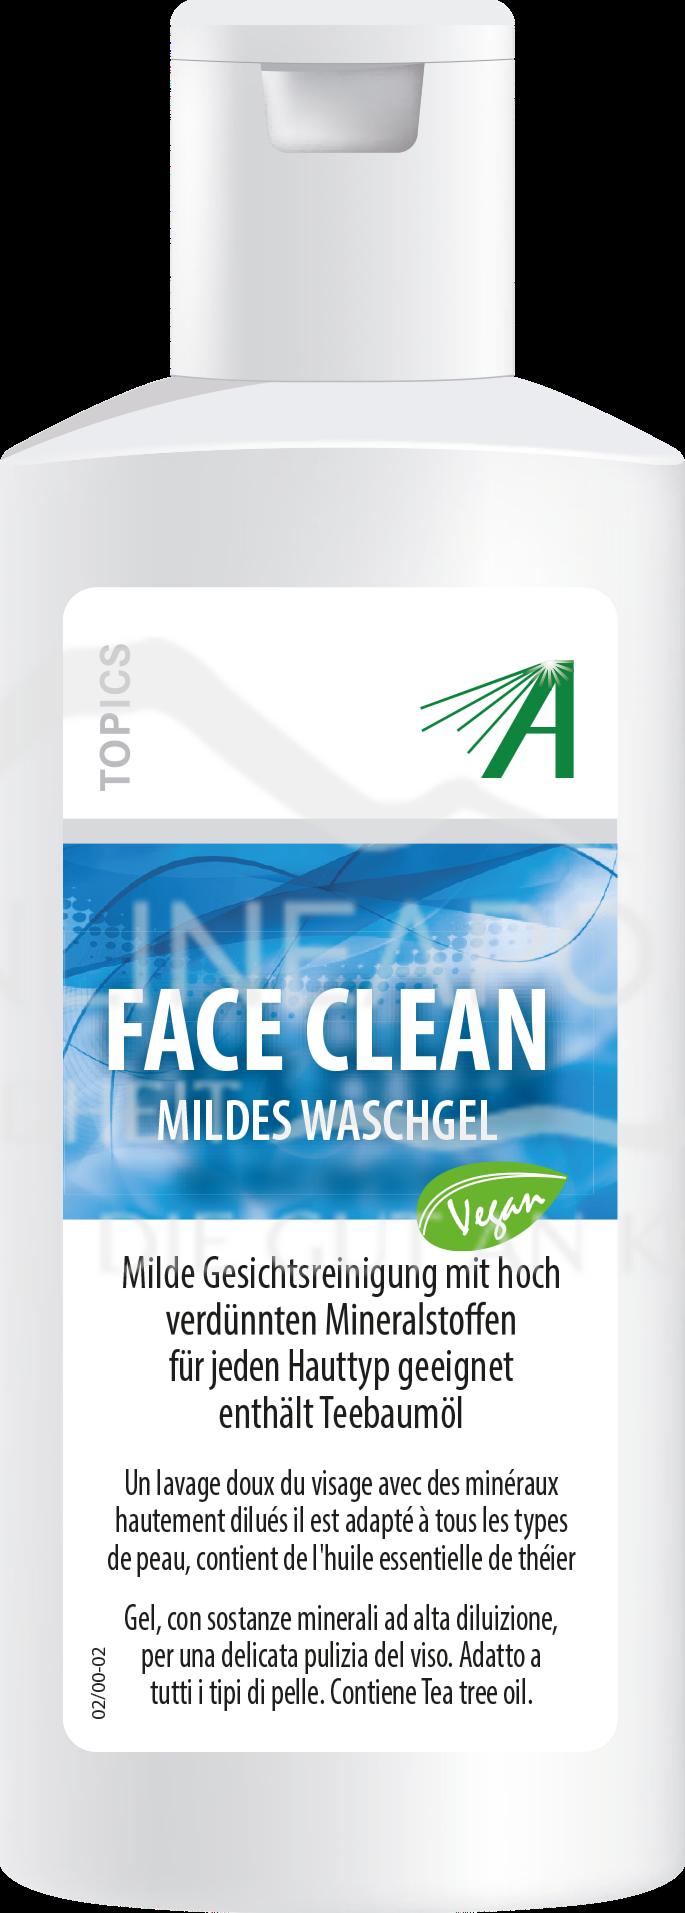 Adler Face Clean – Mildes Waschgel